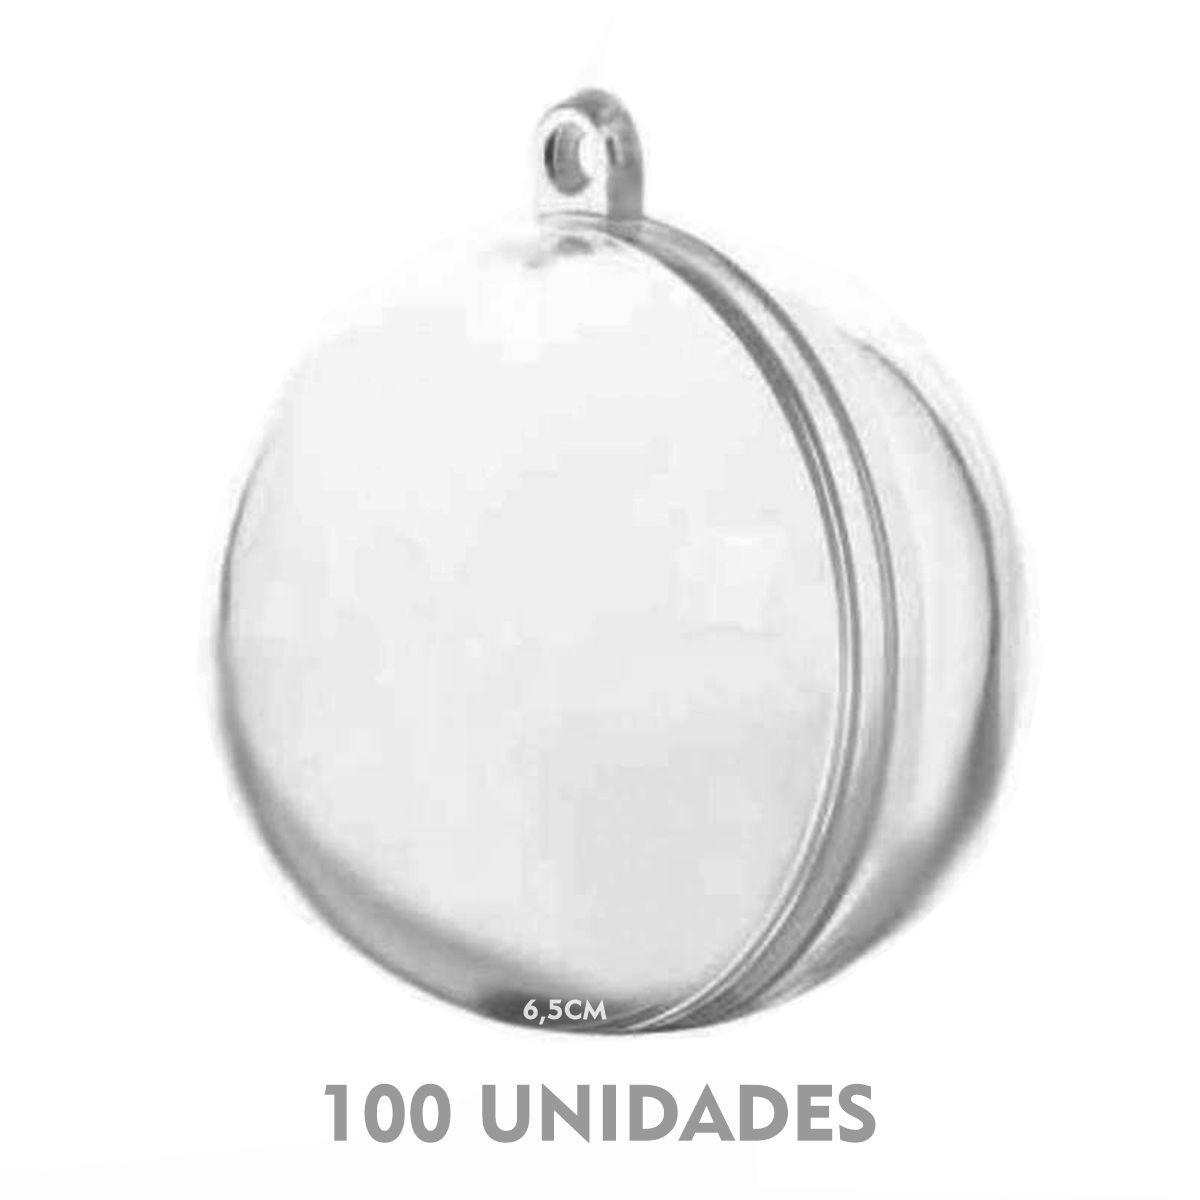 BOLA ACRÍLICA ESFERA 6,5CM PARA PERSONALIZAR - PACOTE COM 100 UNIDADES